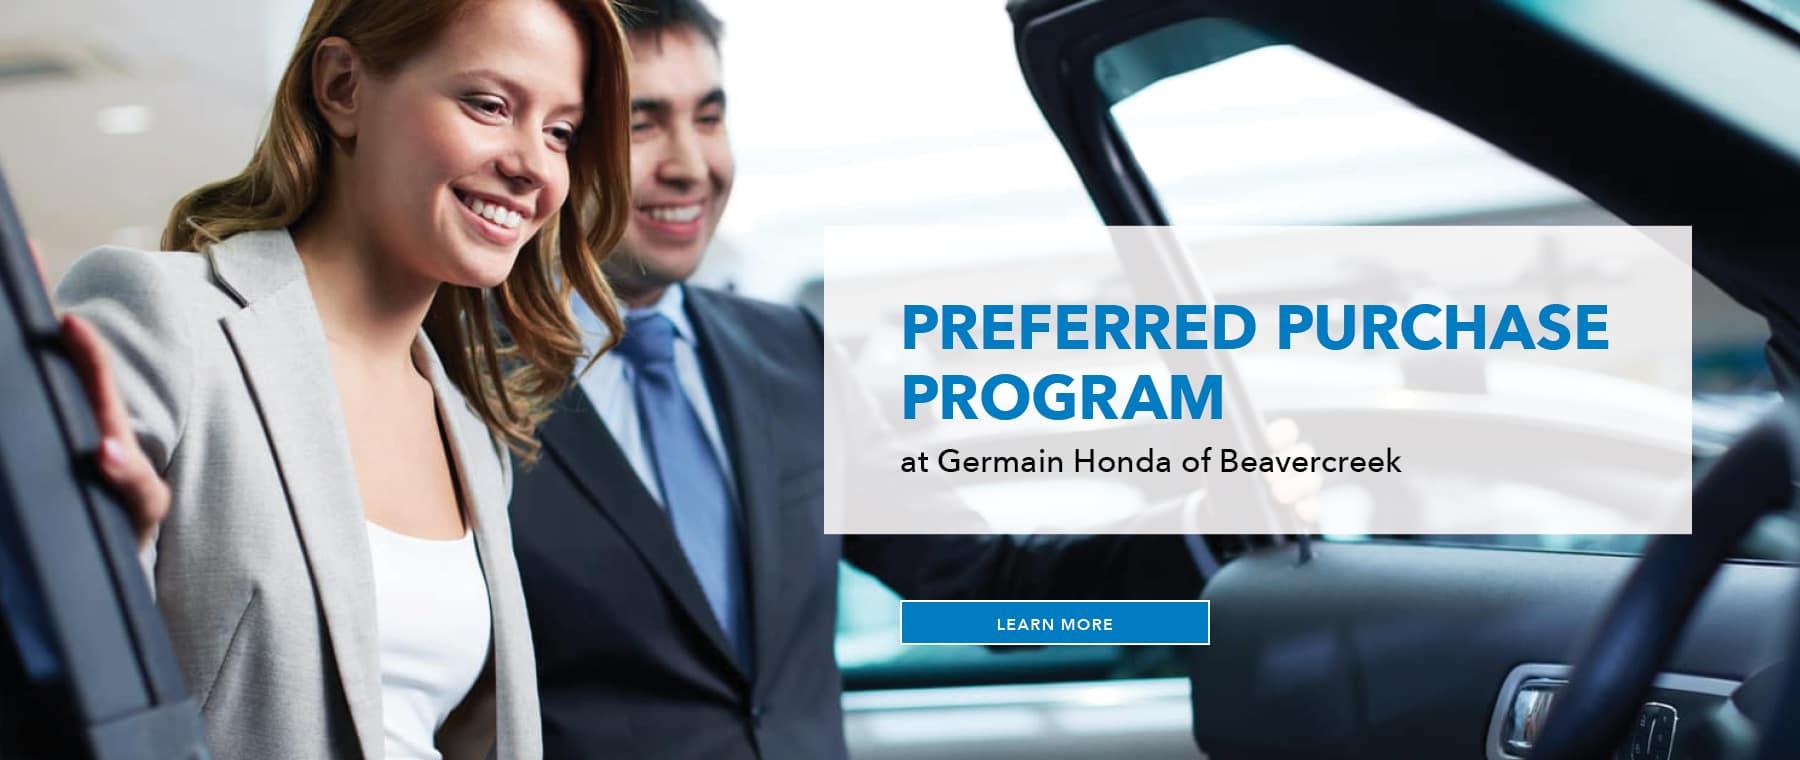 Germain Honda Service >> Honda Dealers Dayton Ohio 2019 Deals At Germain Honda Of Beavercreek